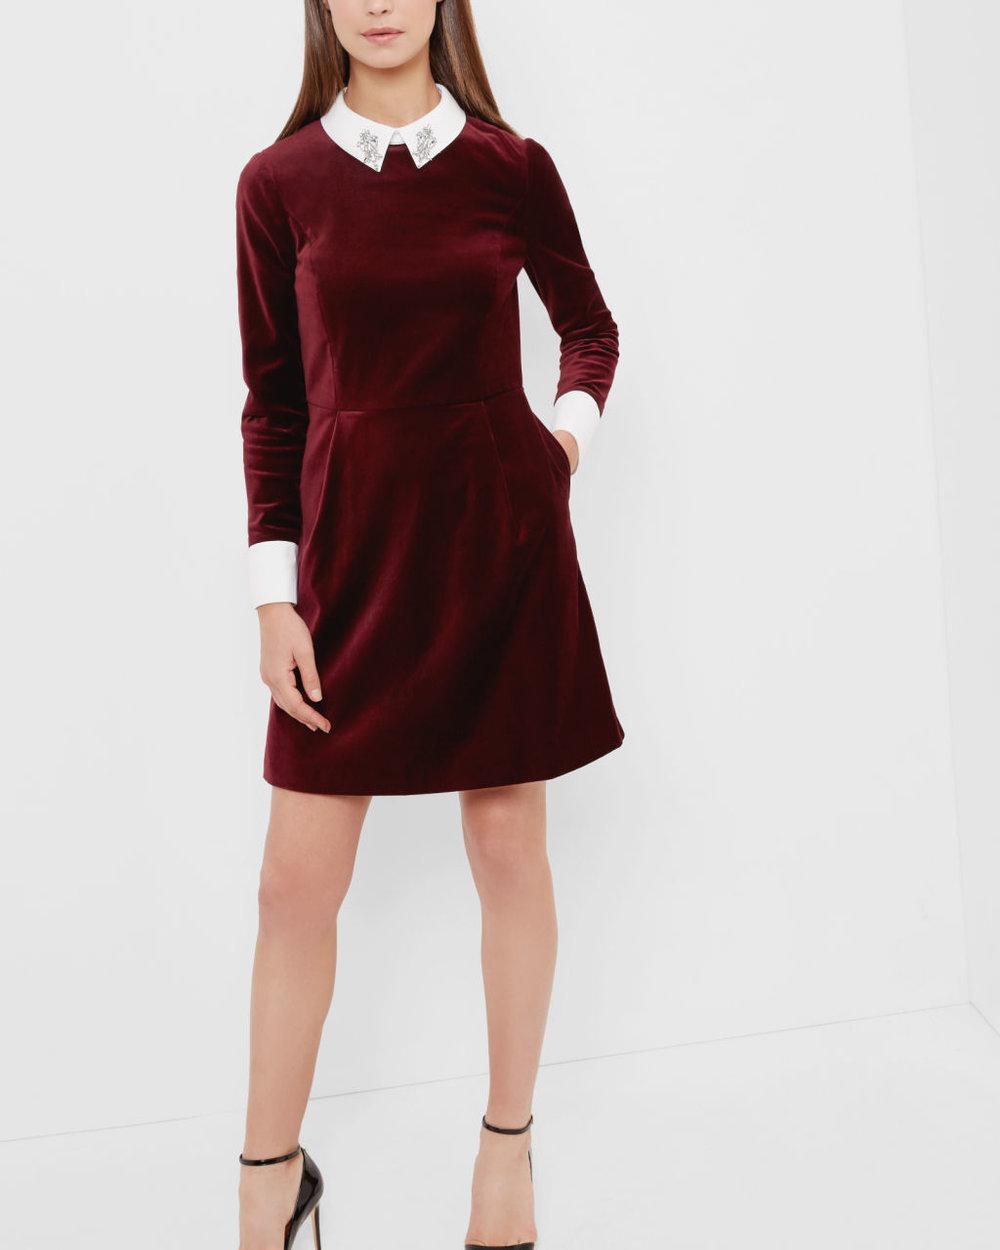 Embellished collar velvet dress, £169, Ted Baker